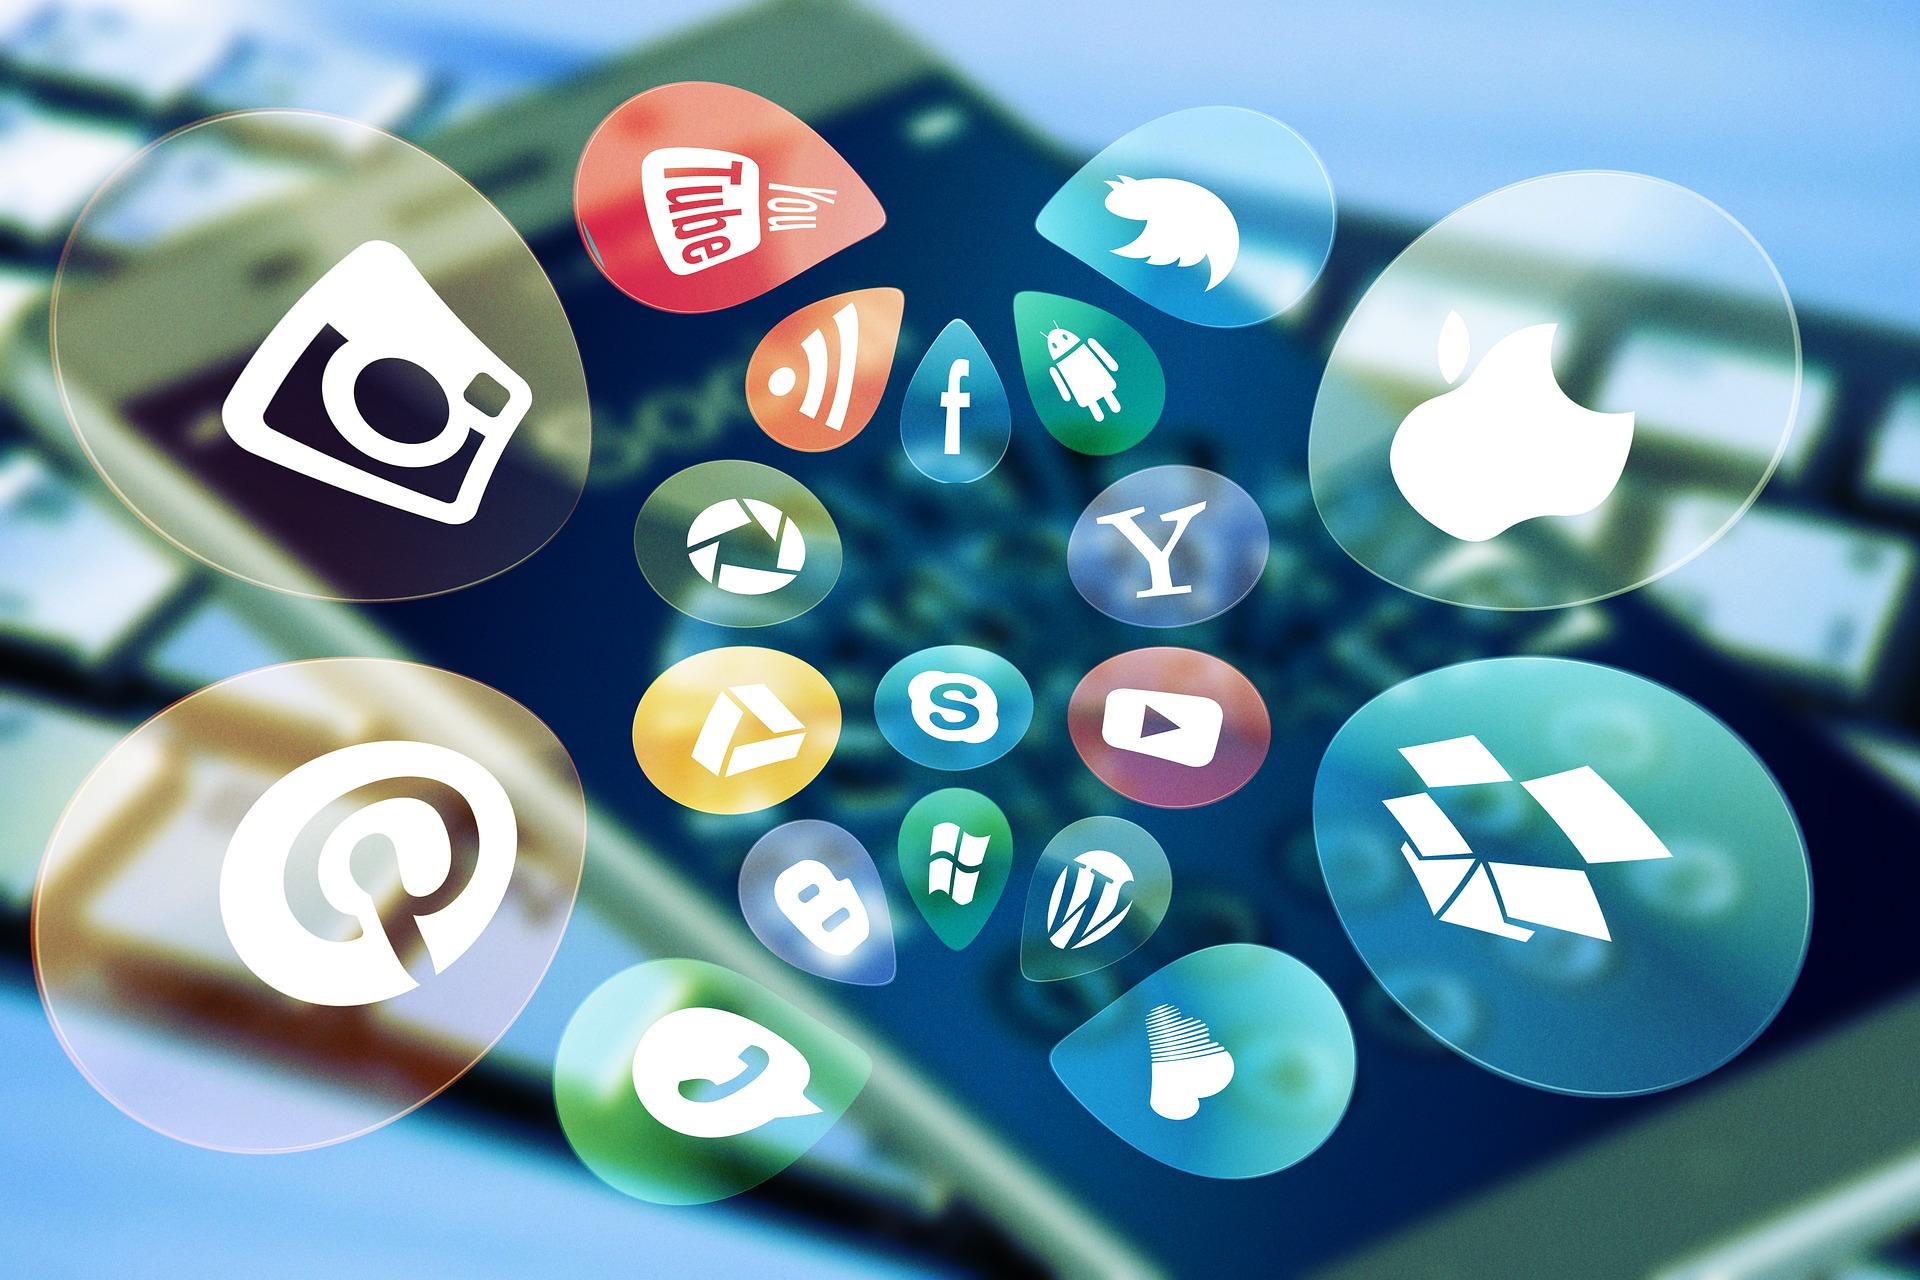 Das Bild zeigt im Hintergrund ein Smartphone und im Vordergrund diverse Social-Media-Icons.